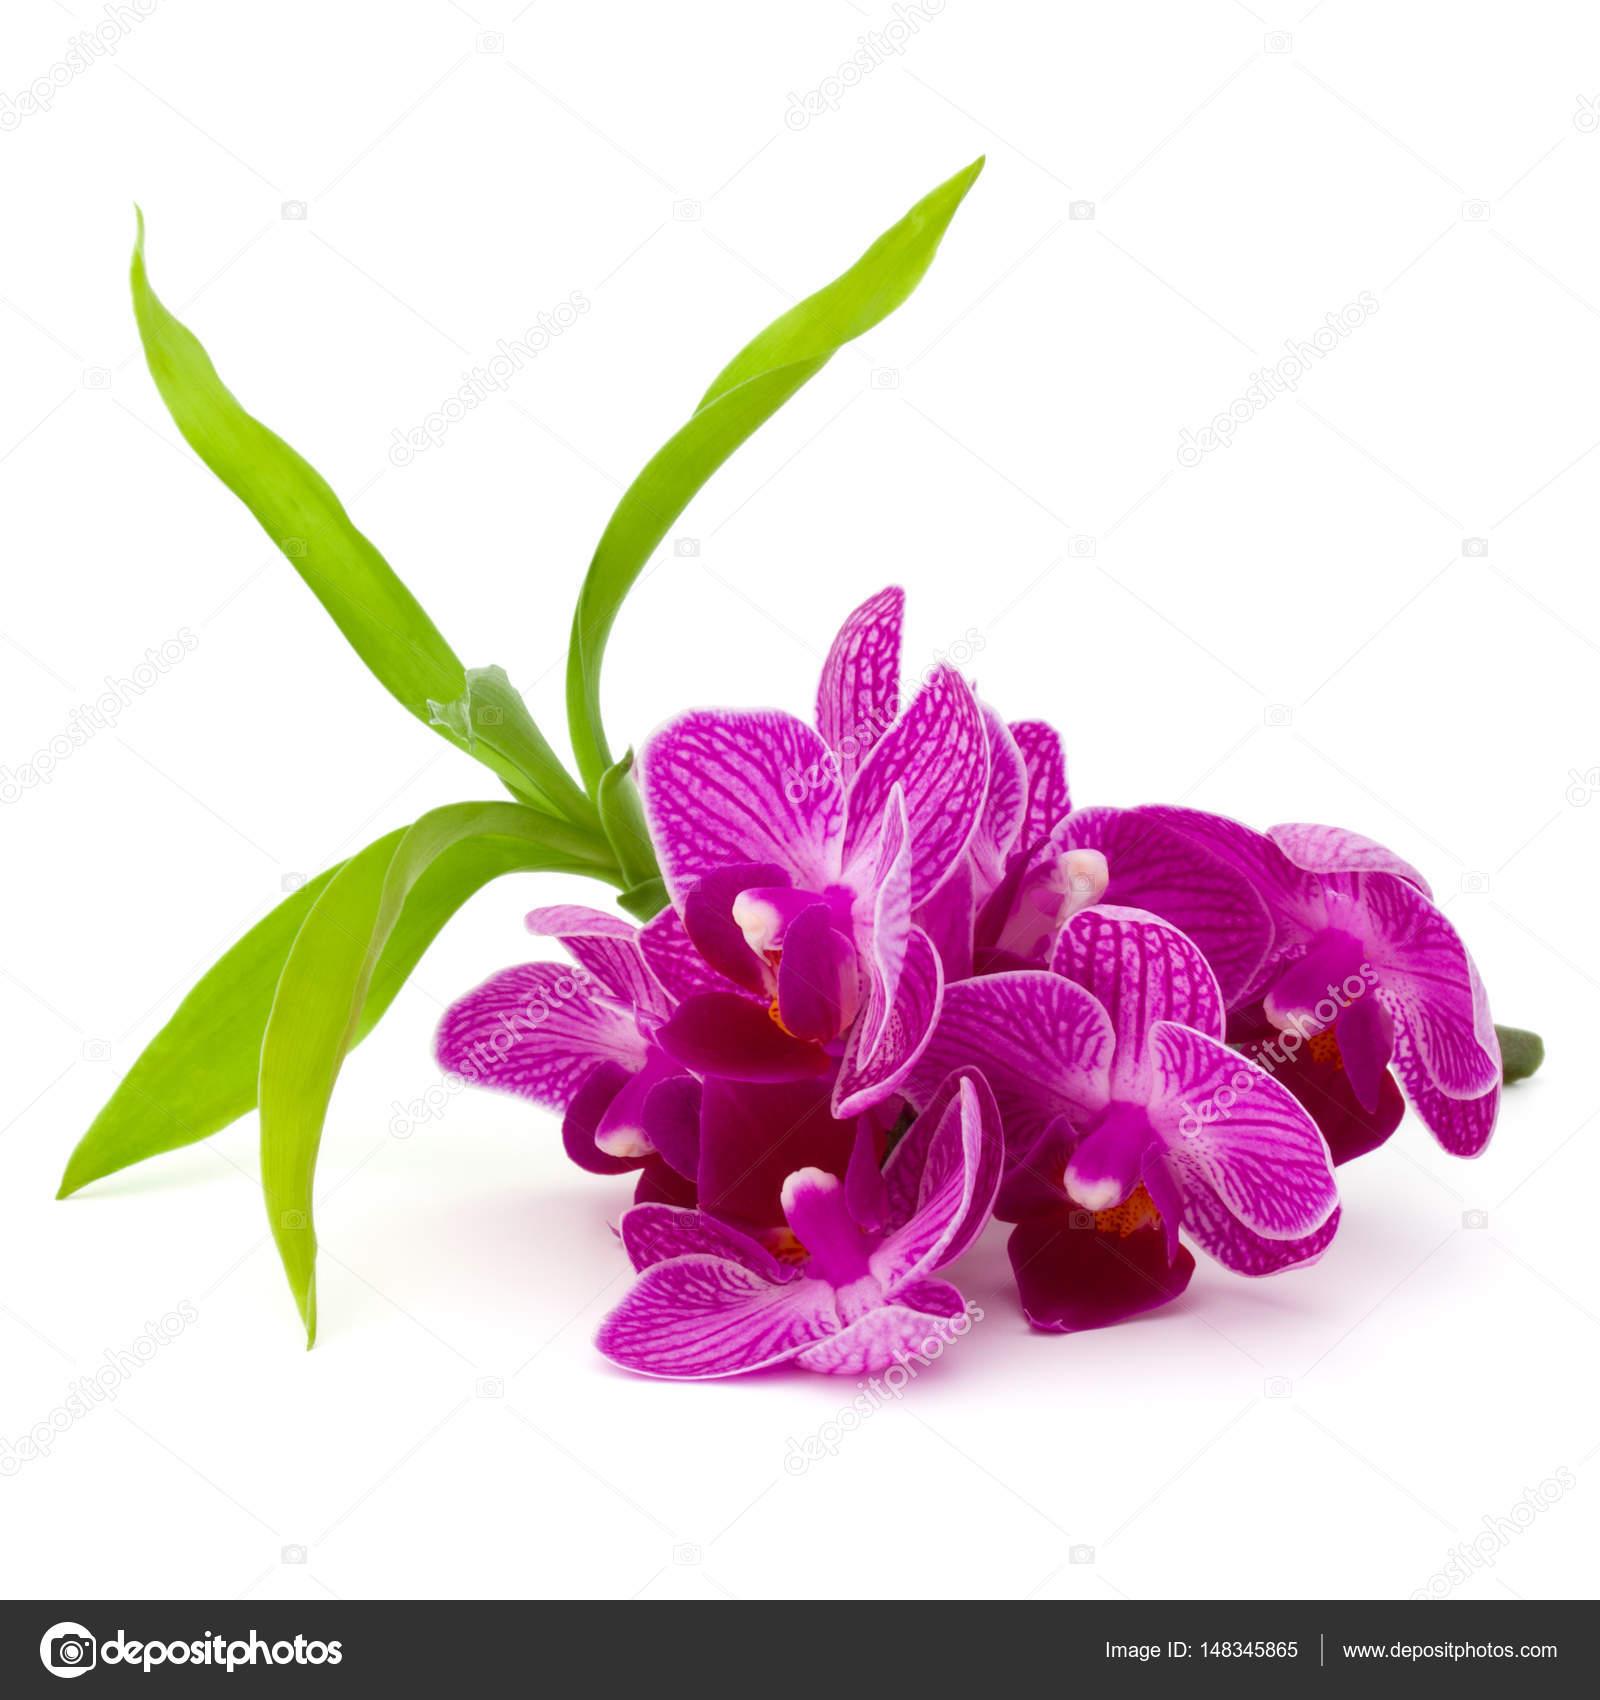 Orchid flowers bouquet stock photo natika 148345865 orchid flowers bouquet stock photo izmirmasajfo